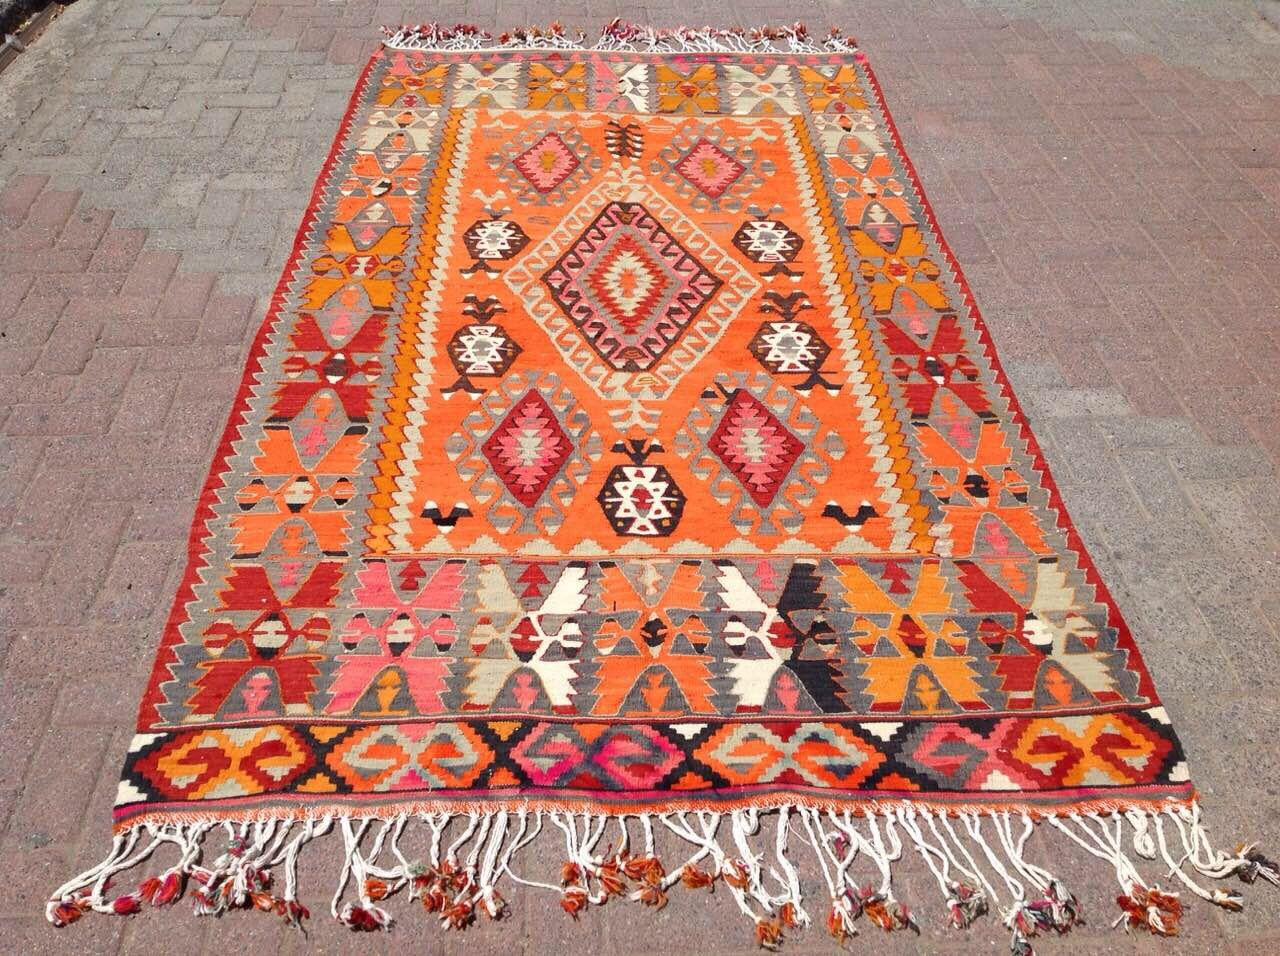 Vintage Orange Kilim Rug 112 X 62 Etsy Orange Kilim Colorful Area Rug Turkish Kilim Rugs